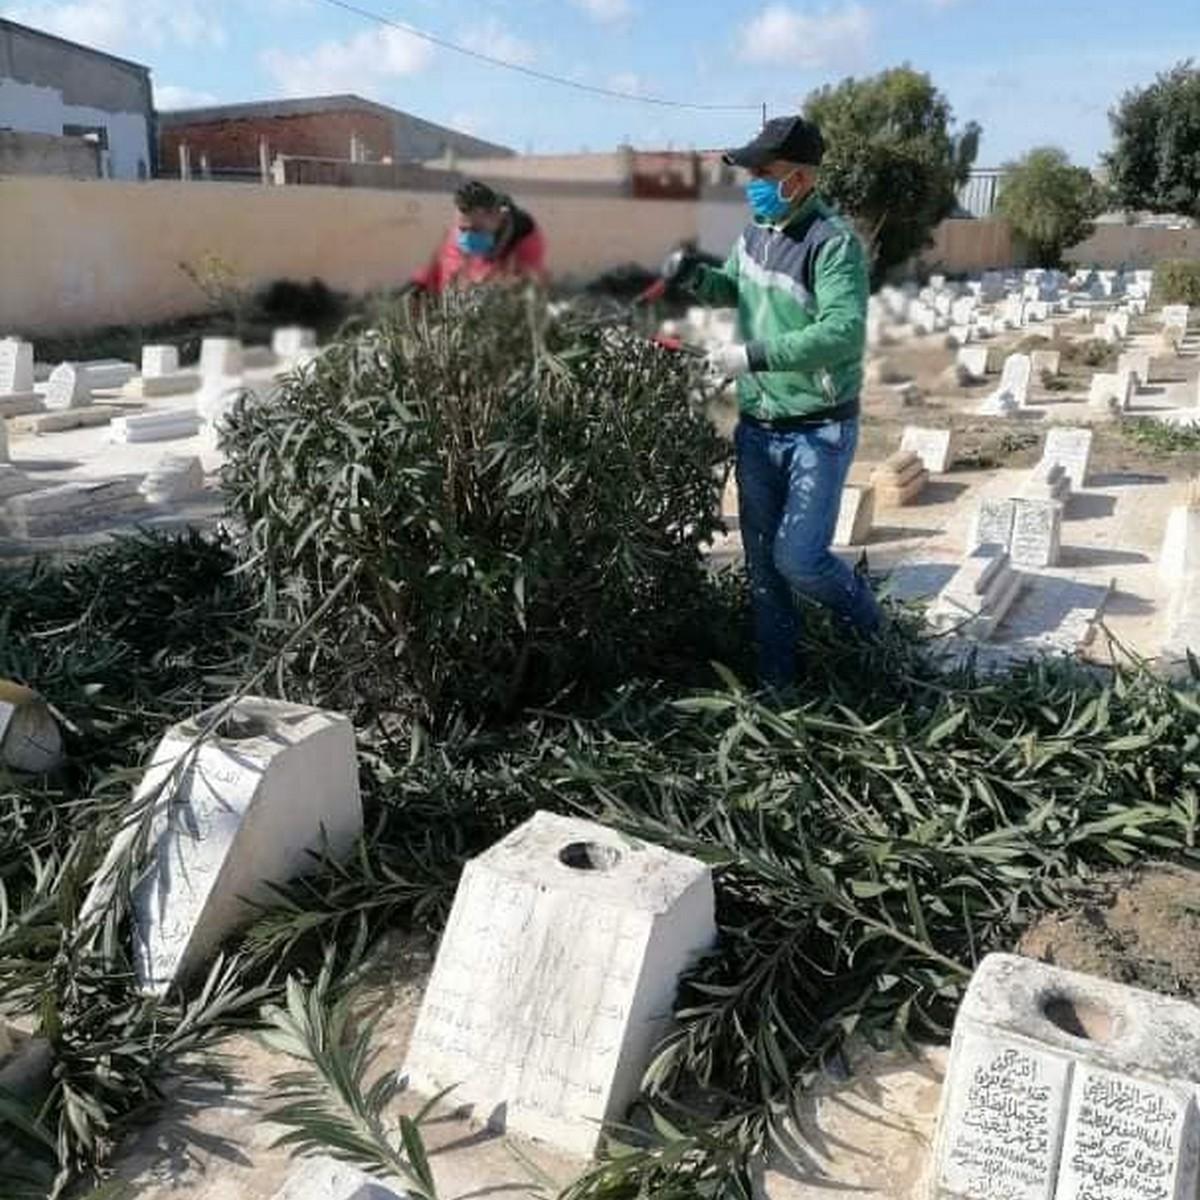 بلدية قرمدة تقوم بحملة نظافة للمقابر تحضيرا لاخر  رمضان